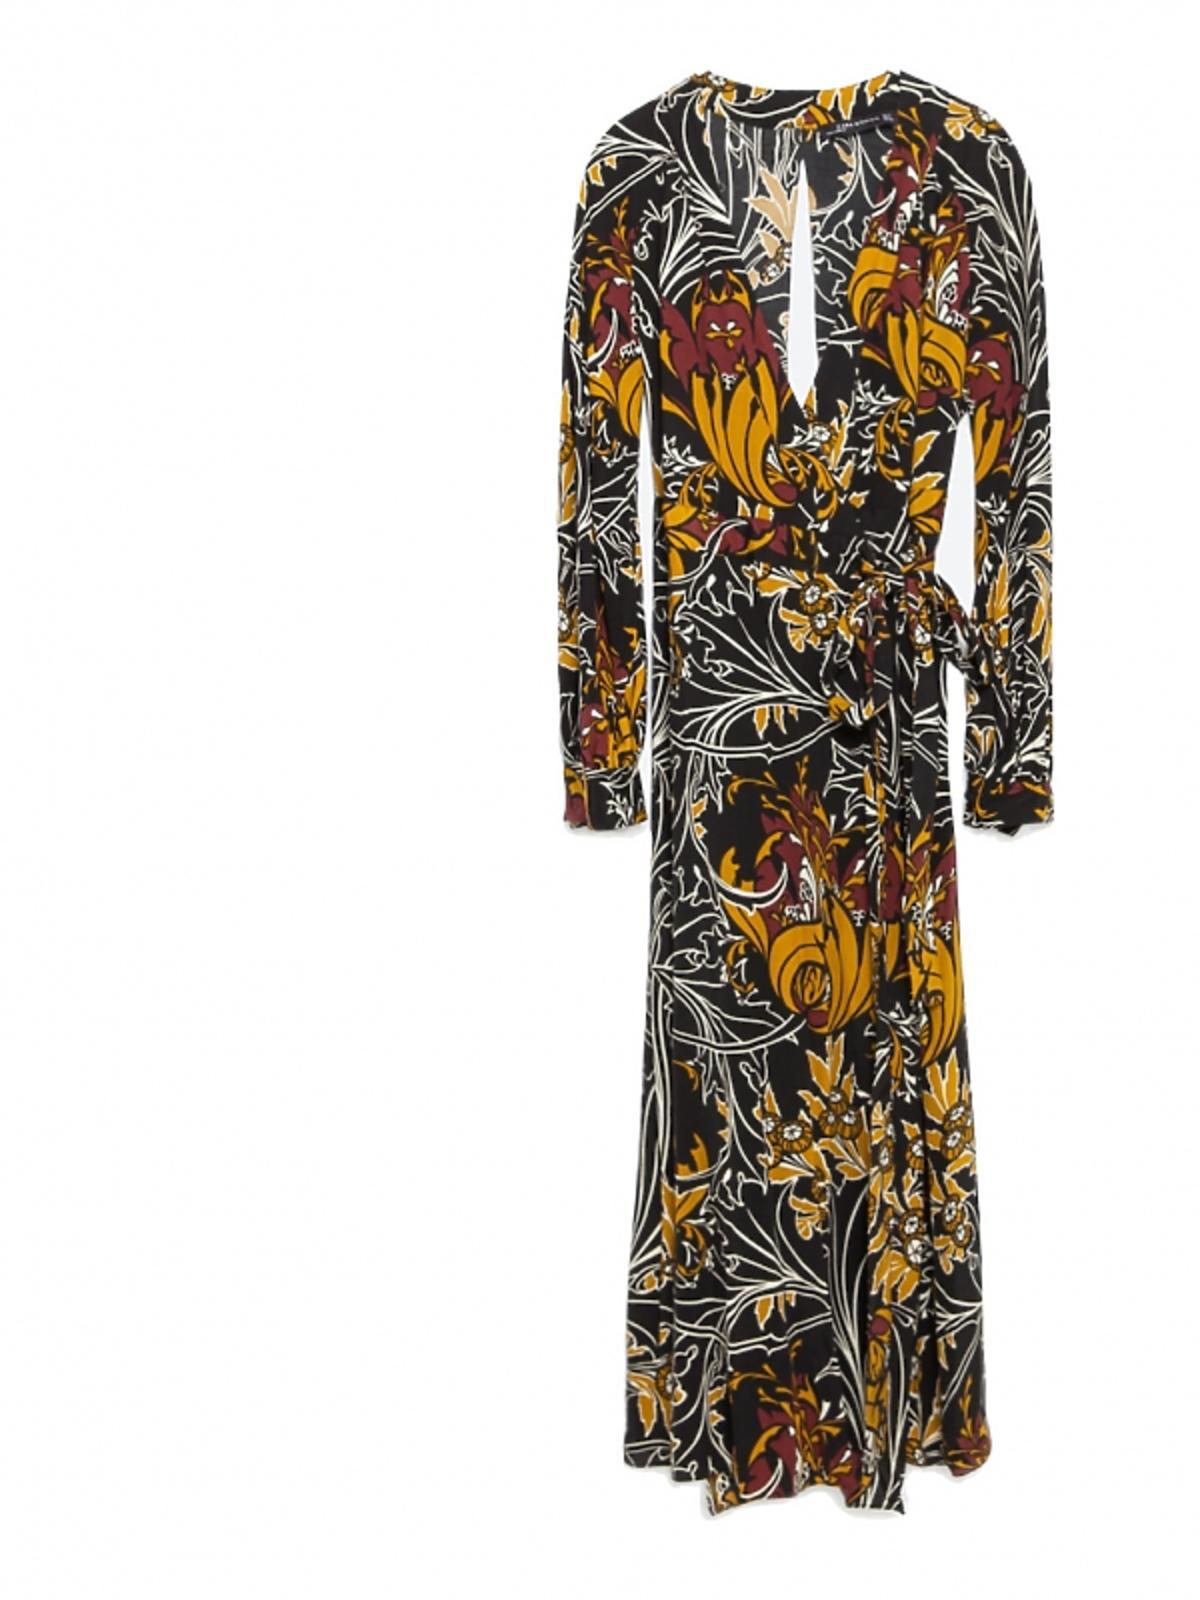 długa czarna sukienka w żółte i brązowe kwiaty